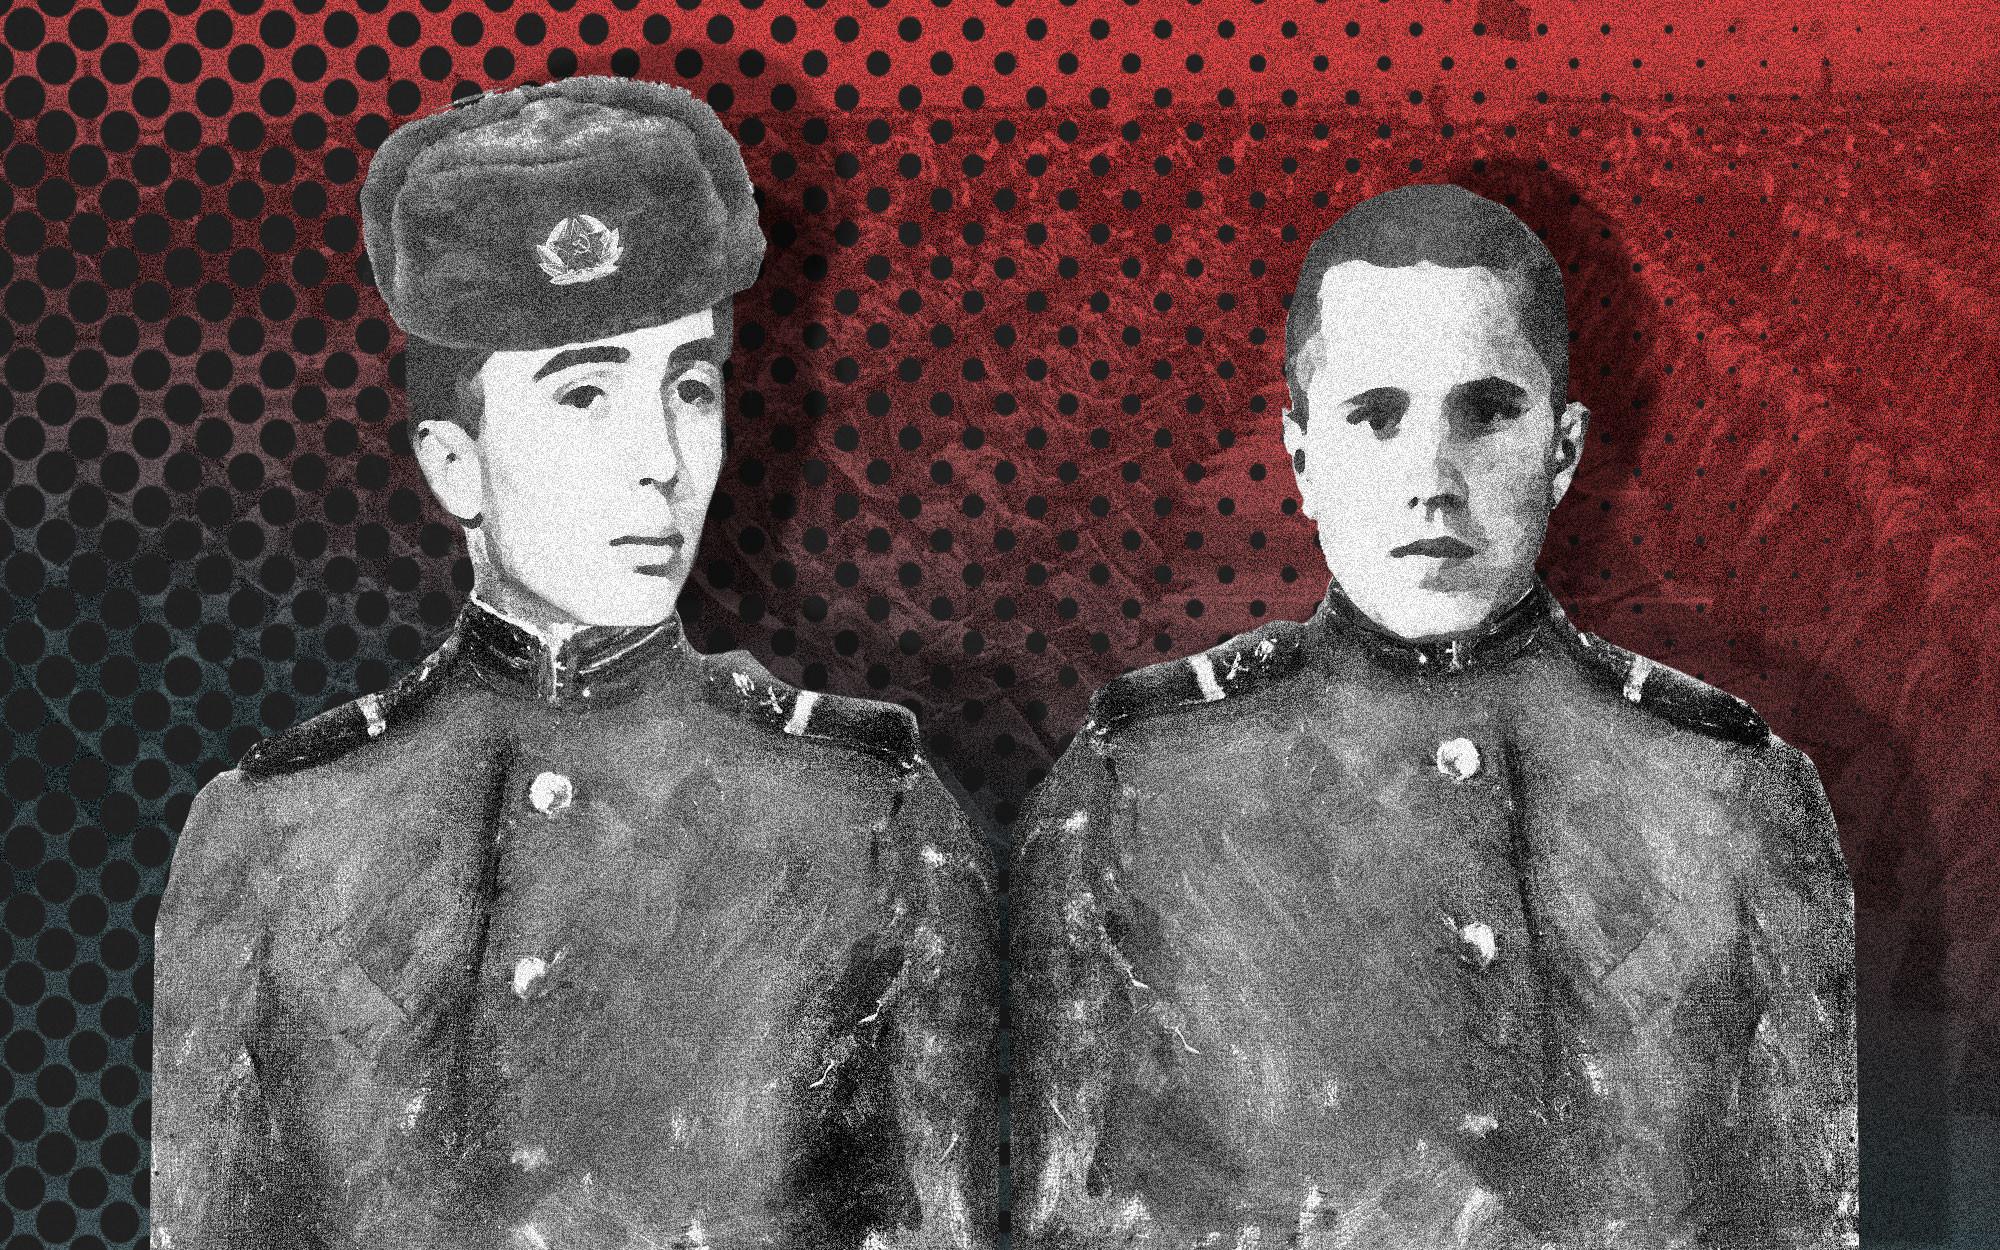 Слева направо: Виктор Коршунов и Юрий Суровцев. Коллаж © L!FE Фото: © Wikipedia.org, РИА Новости / Юрий Абрамочкин